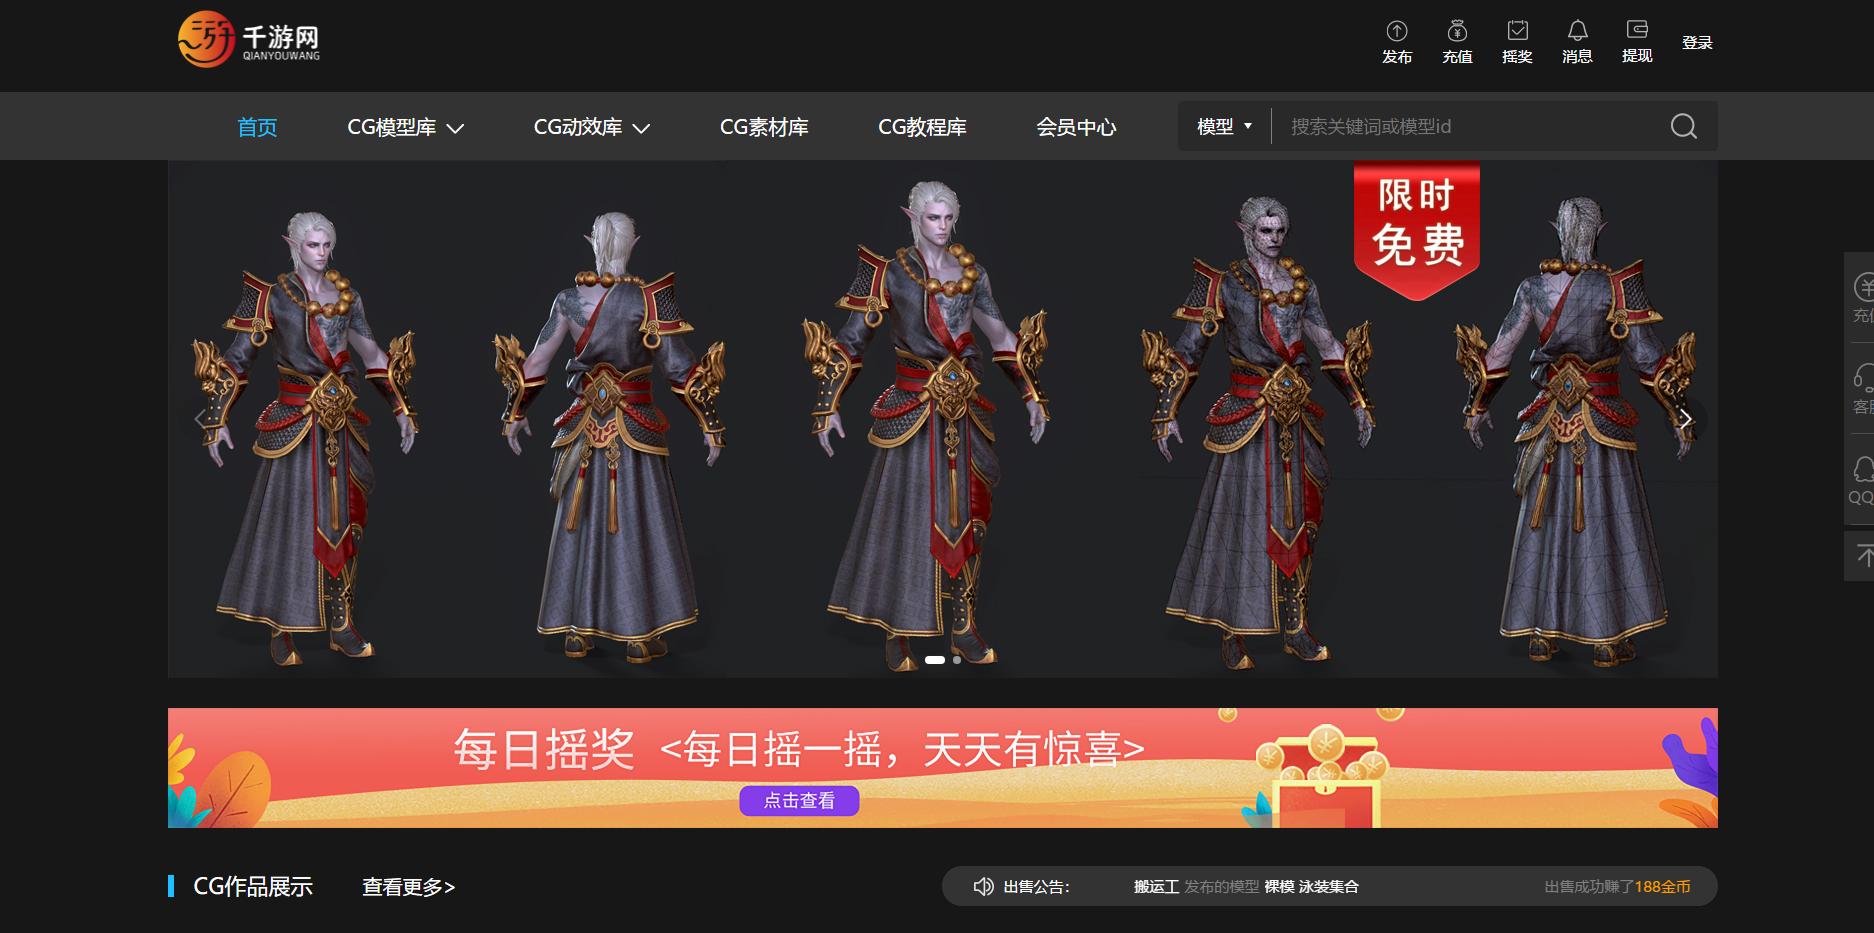 CG千游网